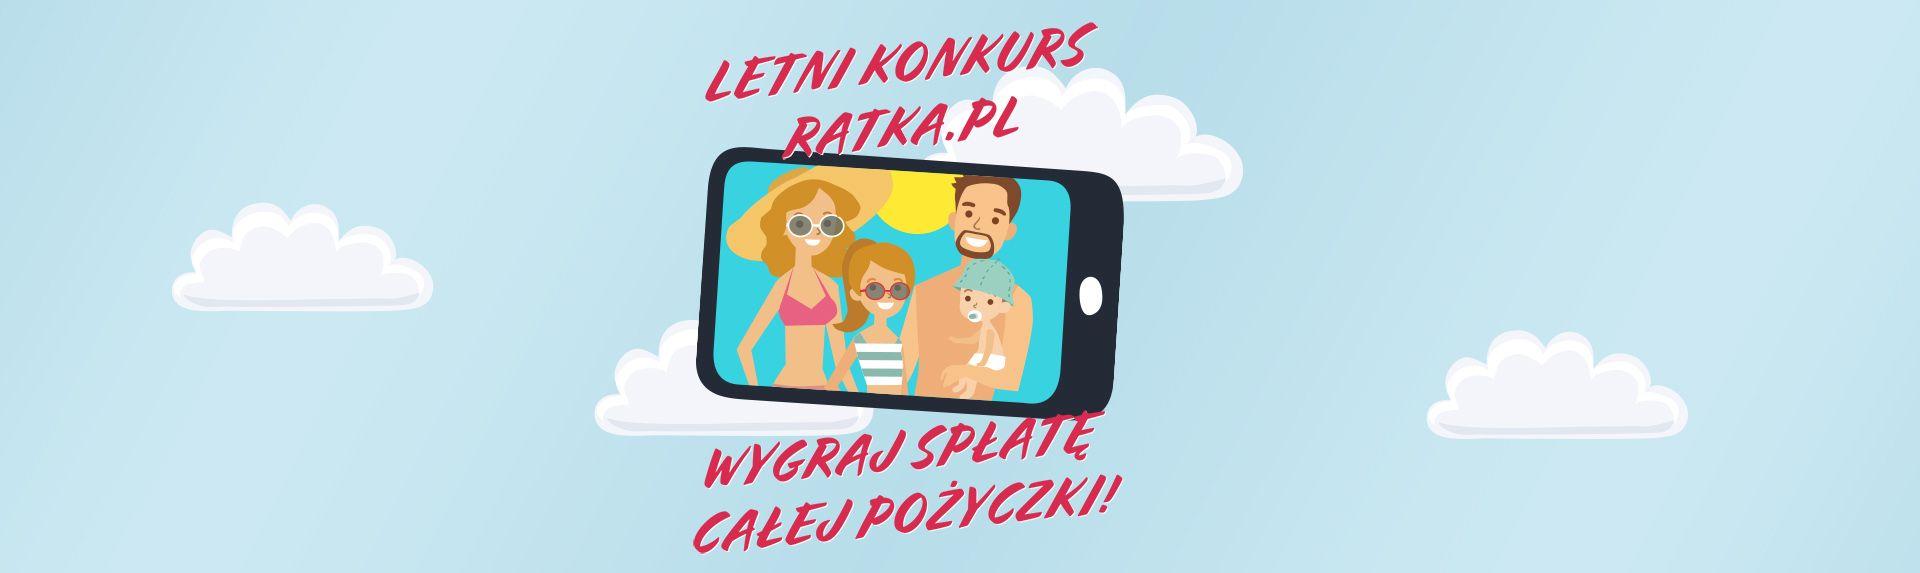 Wygraj spłatę pożyczki w konkursie Ratka.pl!